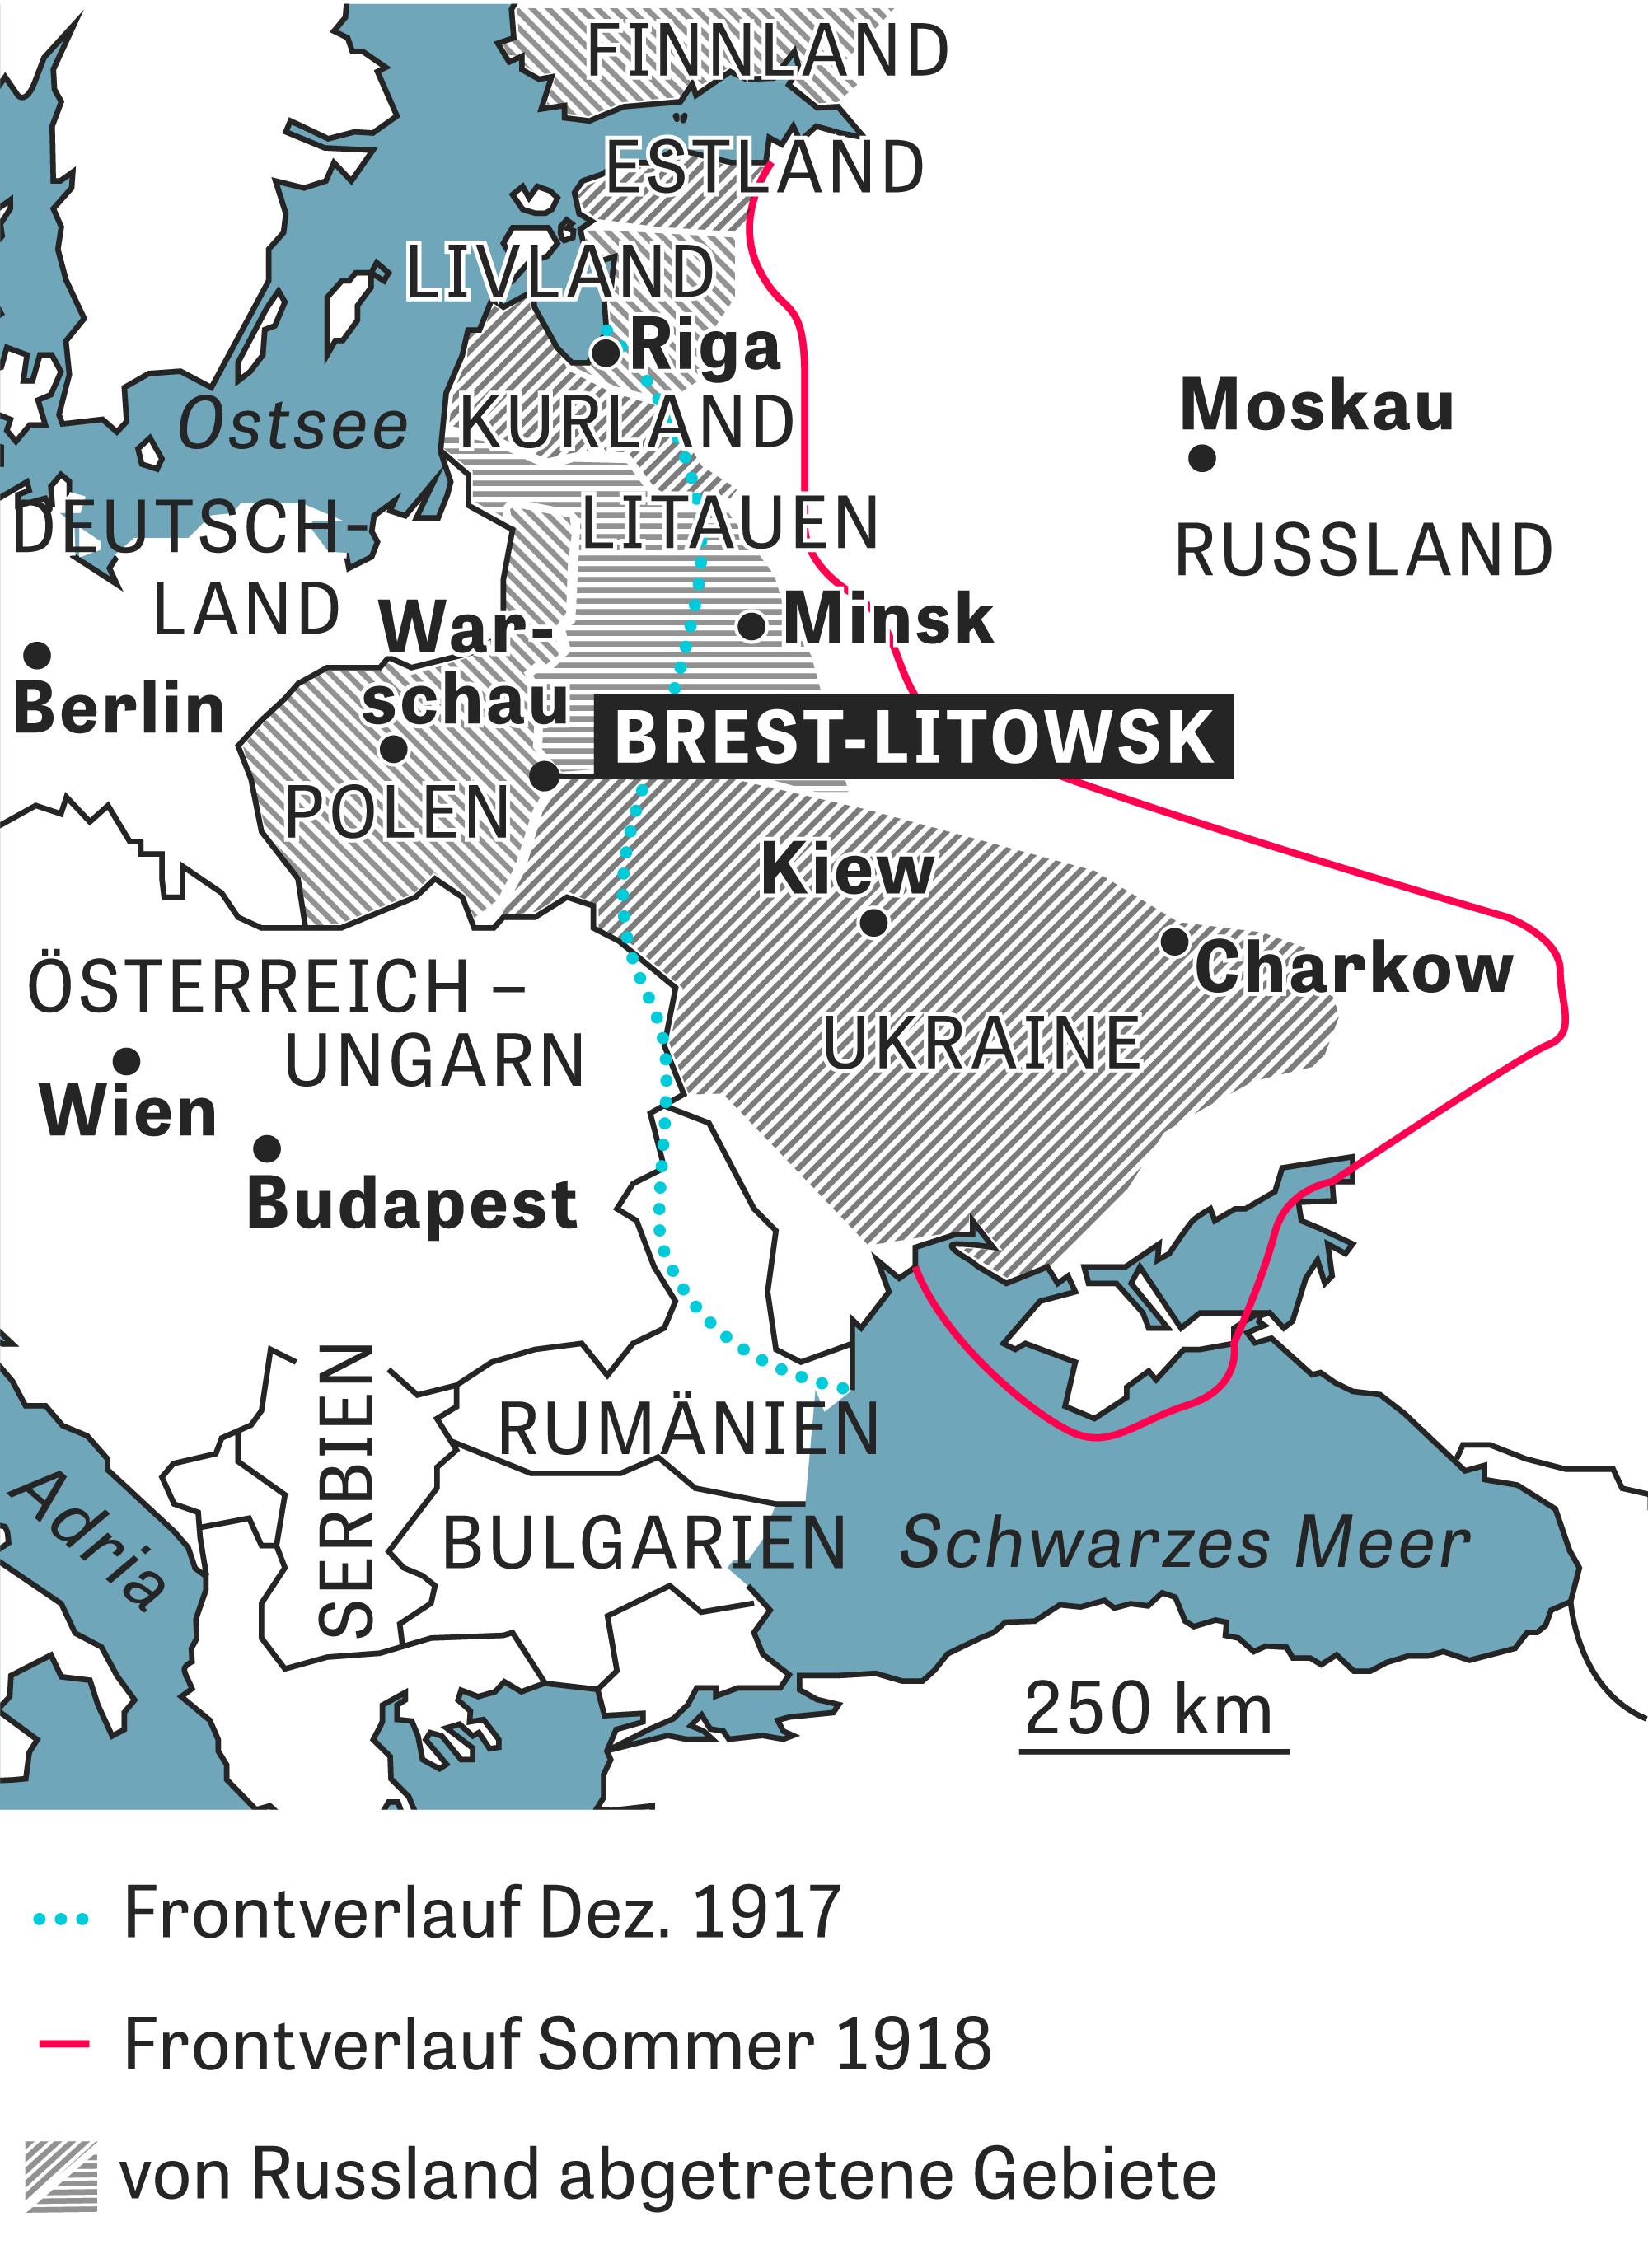 Brest-Litowsk 1918